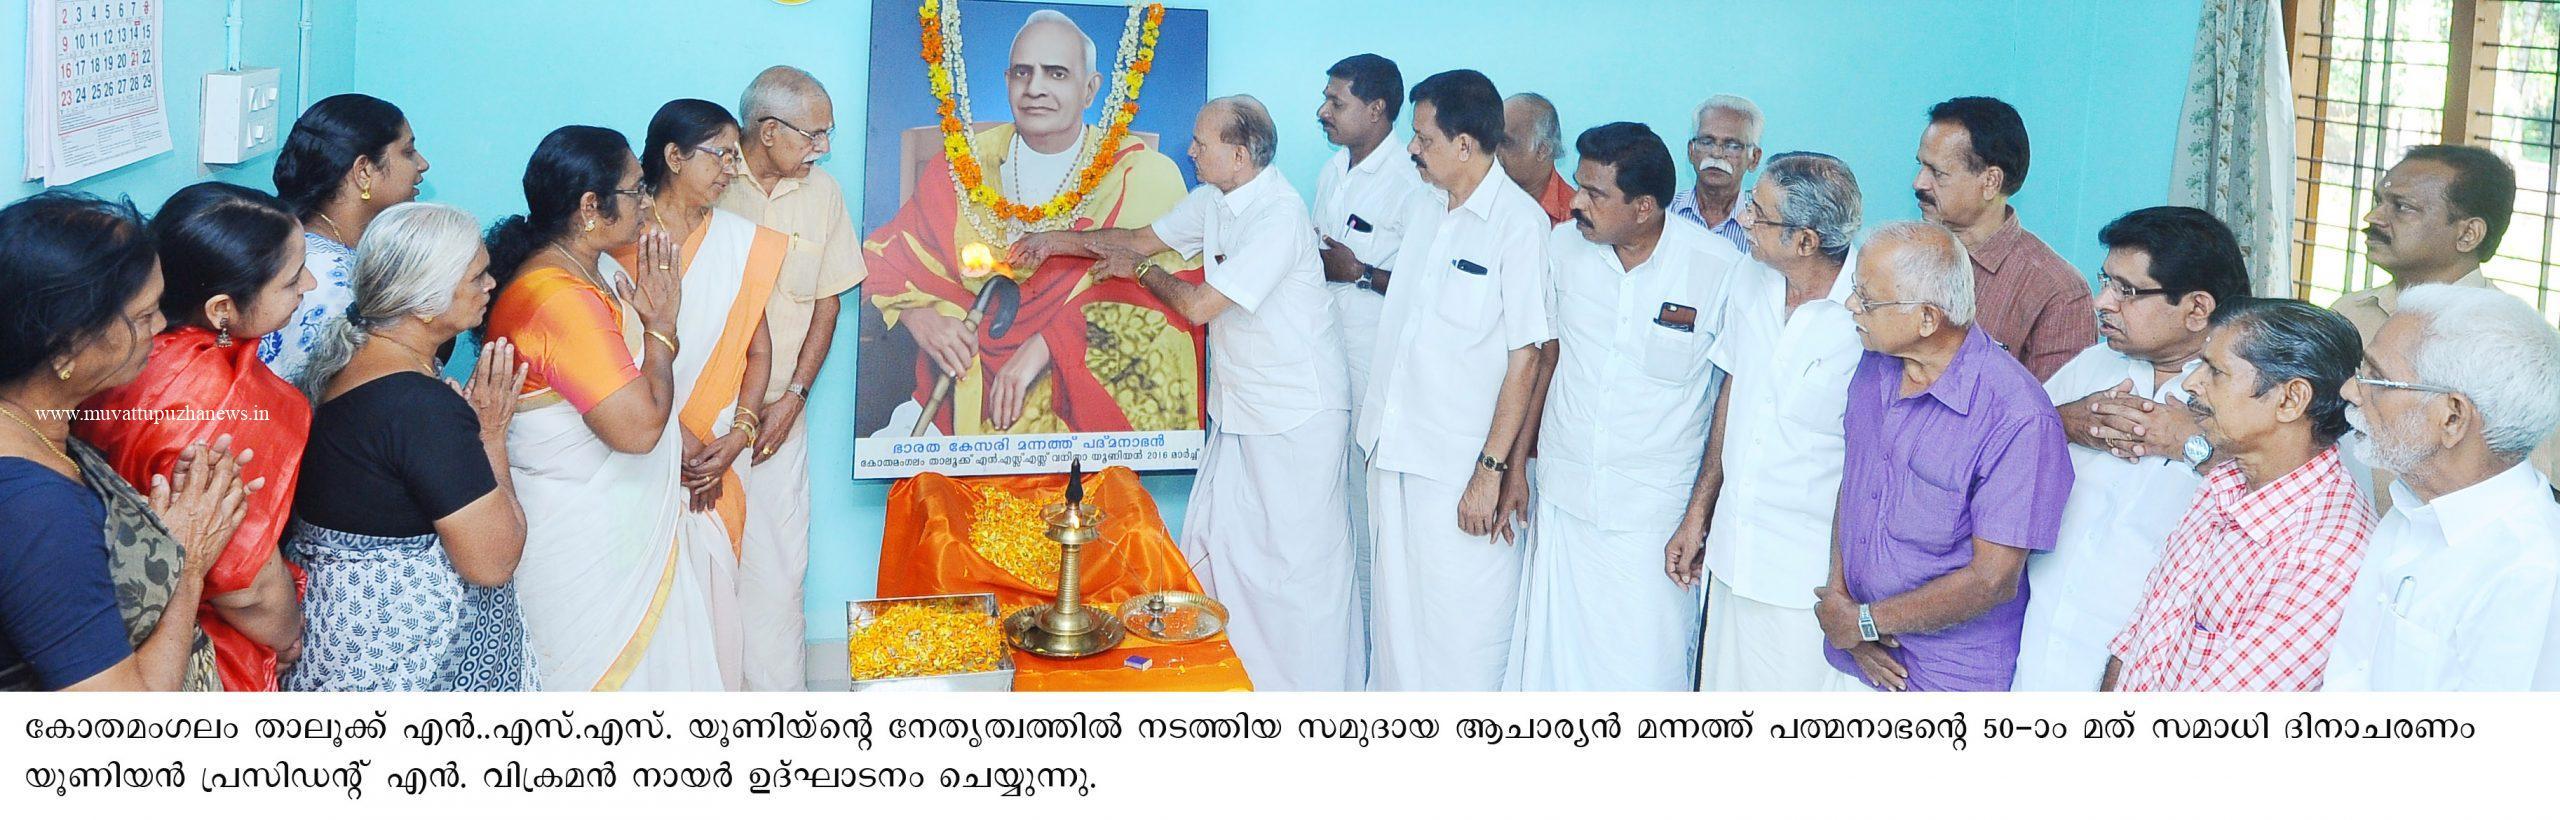 Photo of സമുദായ ആചാര്യന് മന്നത്ത് പത്മനാഭന്റെ 50-ാം മത് സമാധി ദിനം ആചരിച്ചു .